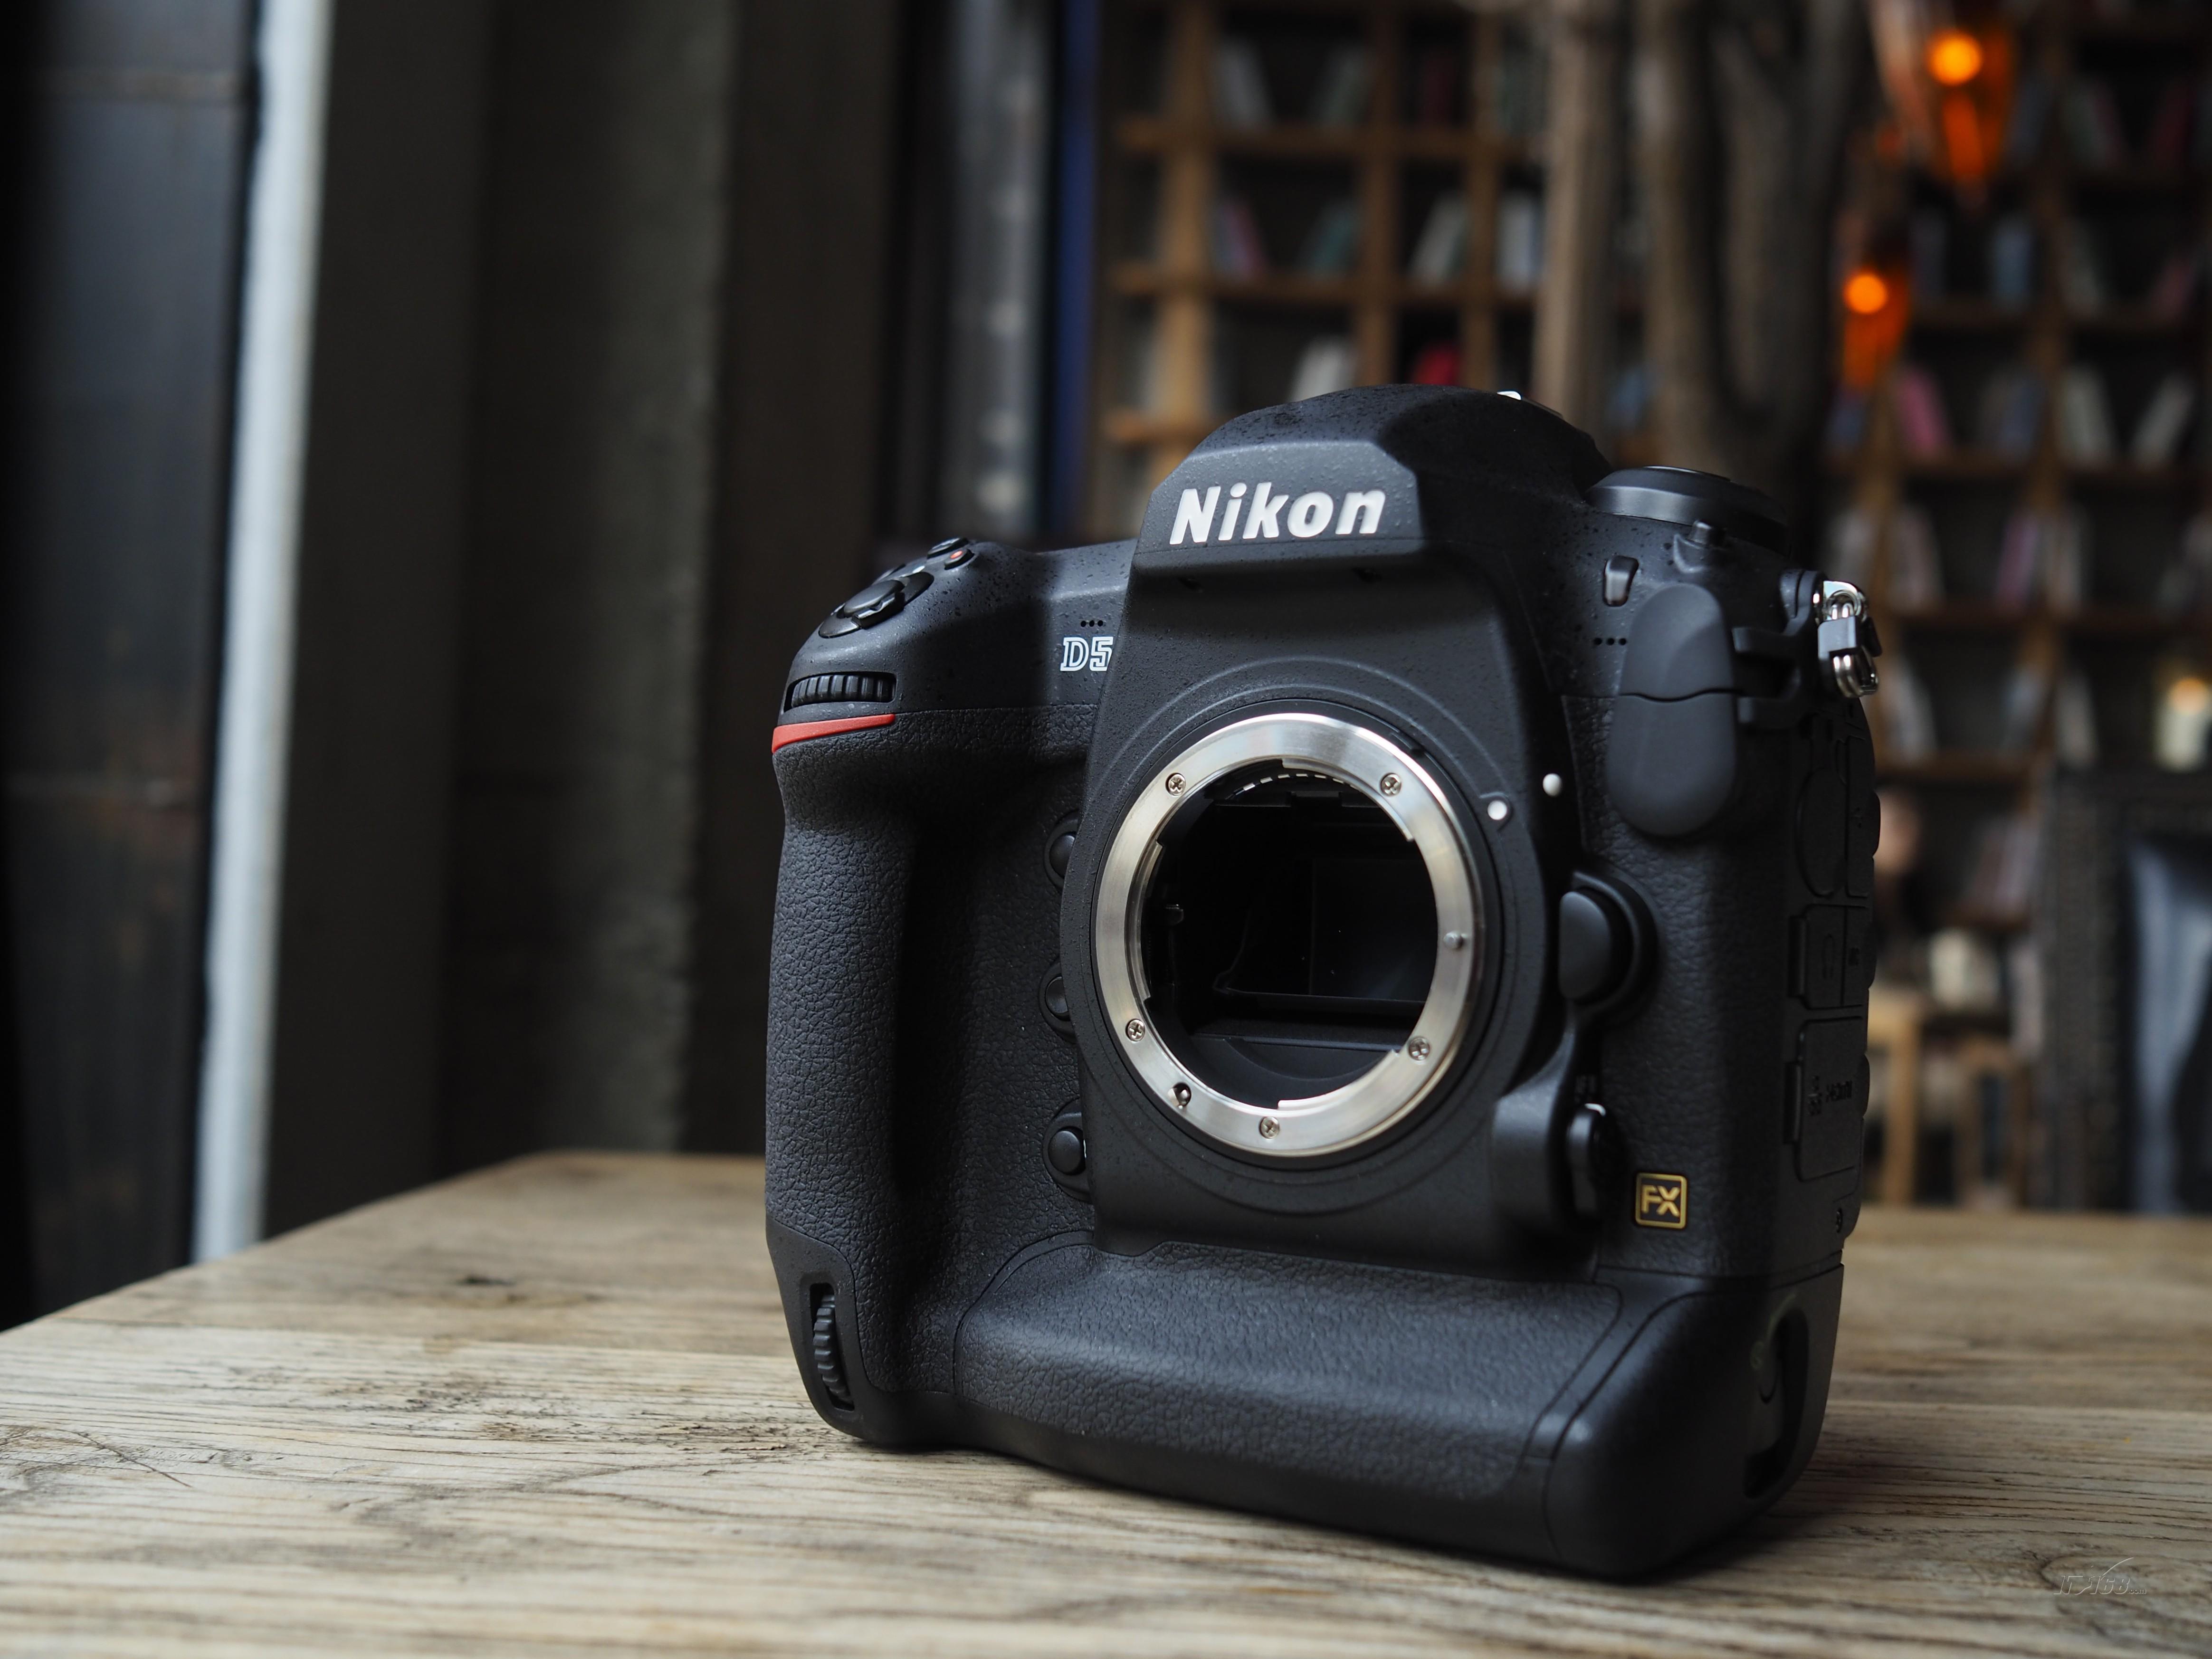 尼康d5 单反机身数码相机产品图片22素材-it168数码